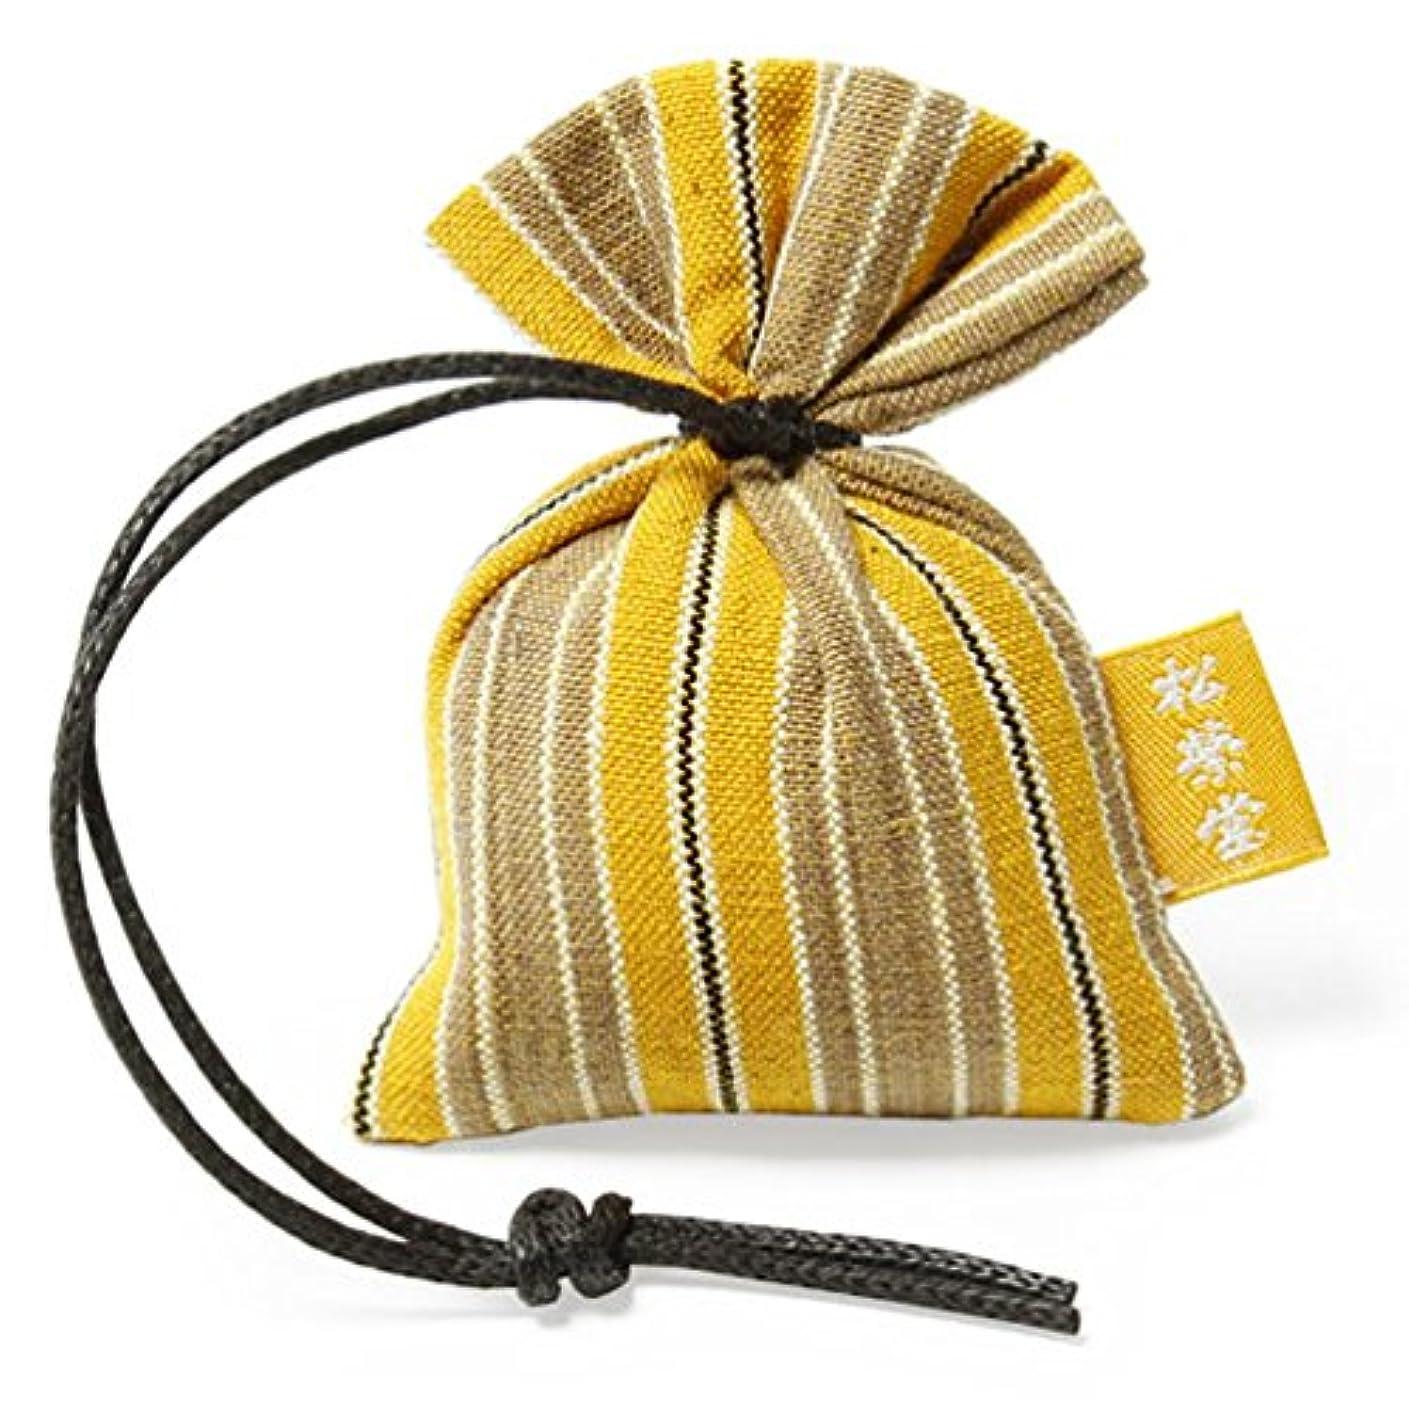 小包パンフレット概要松栄堂の匂い袋 誰が袖 渡 【匂い袋】 ルリック